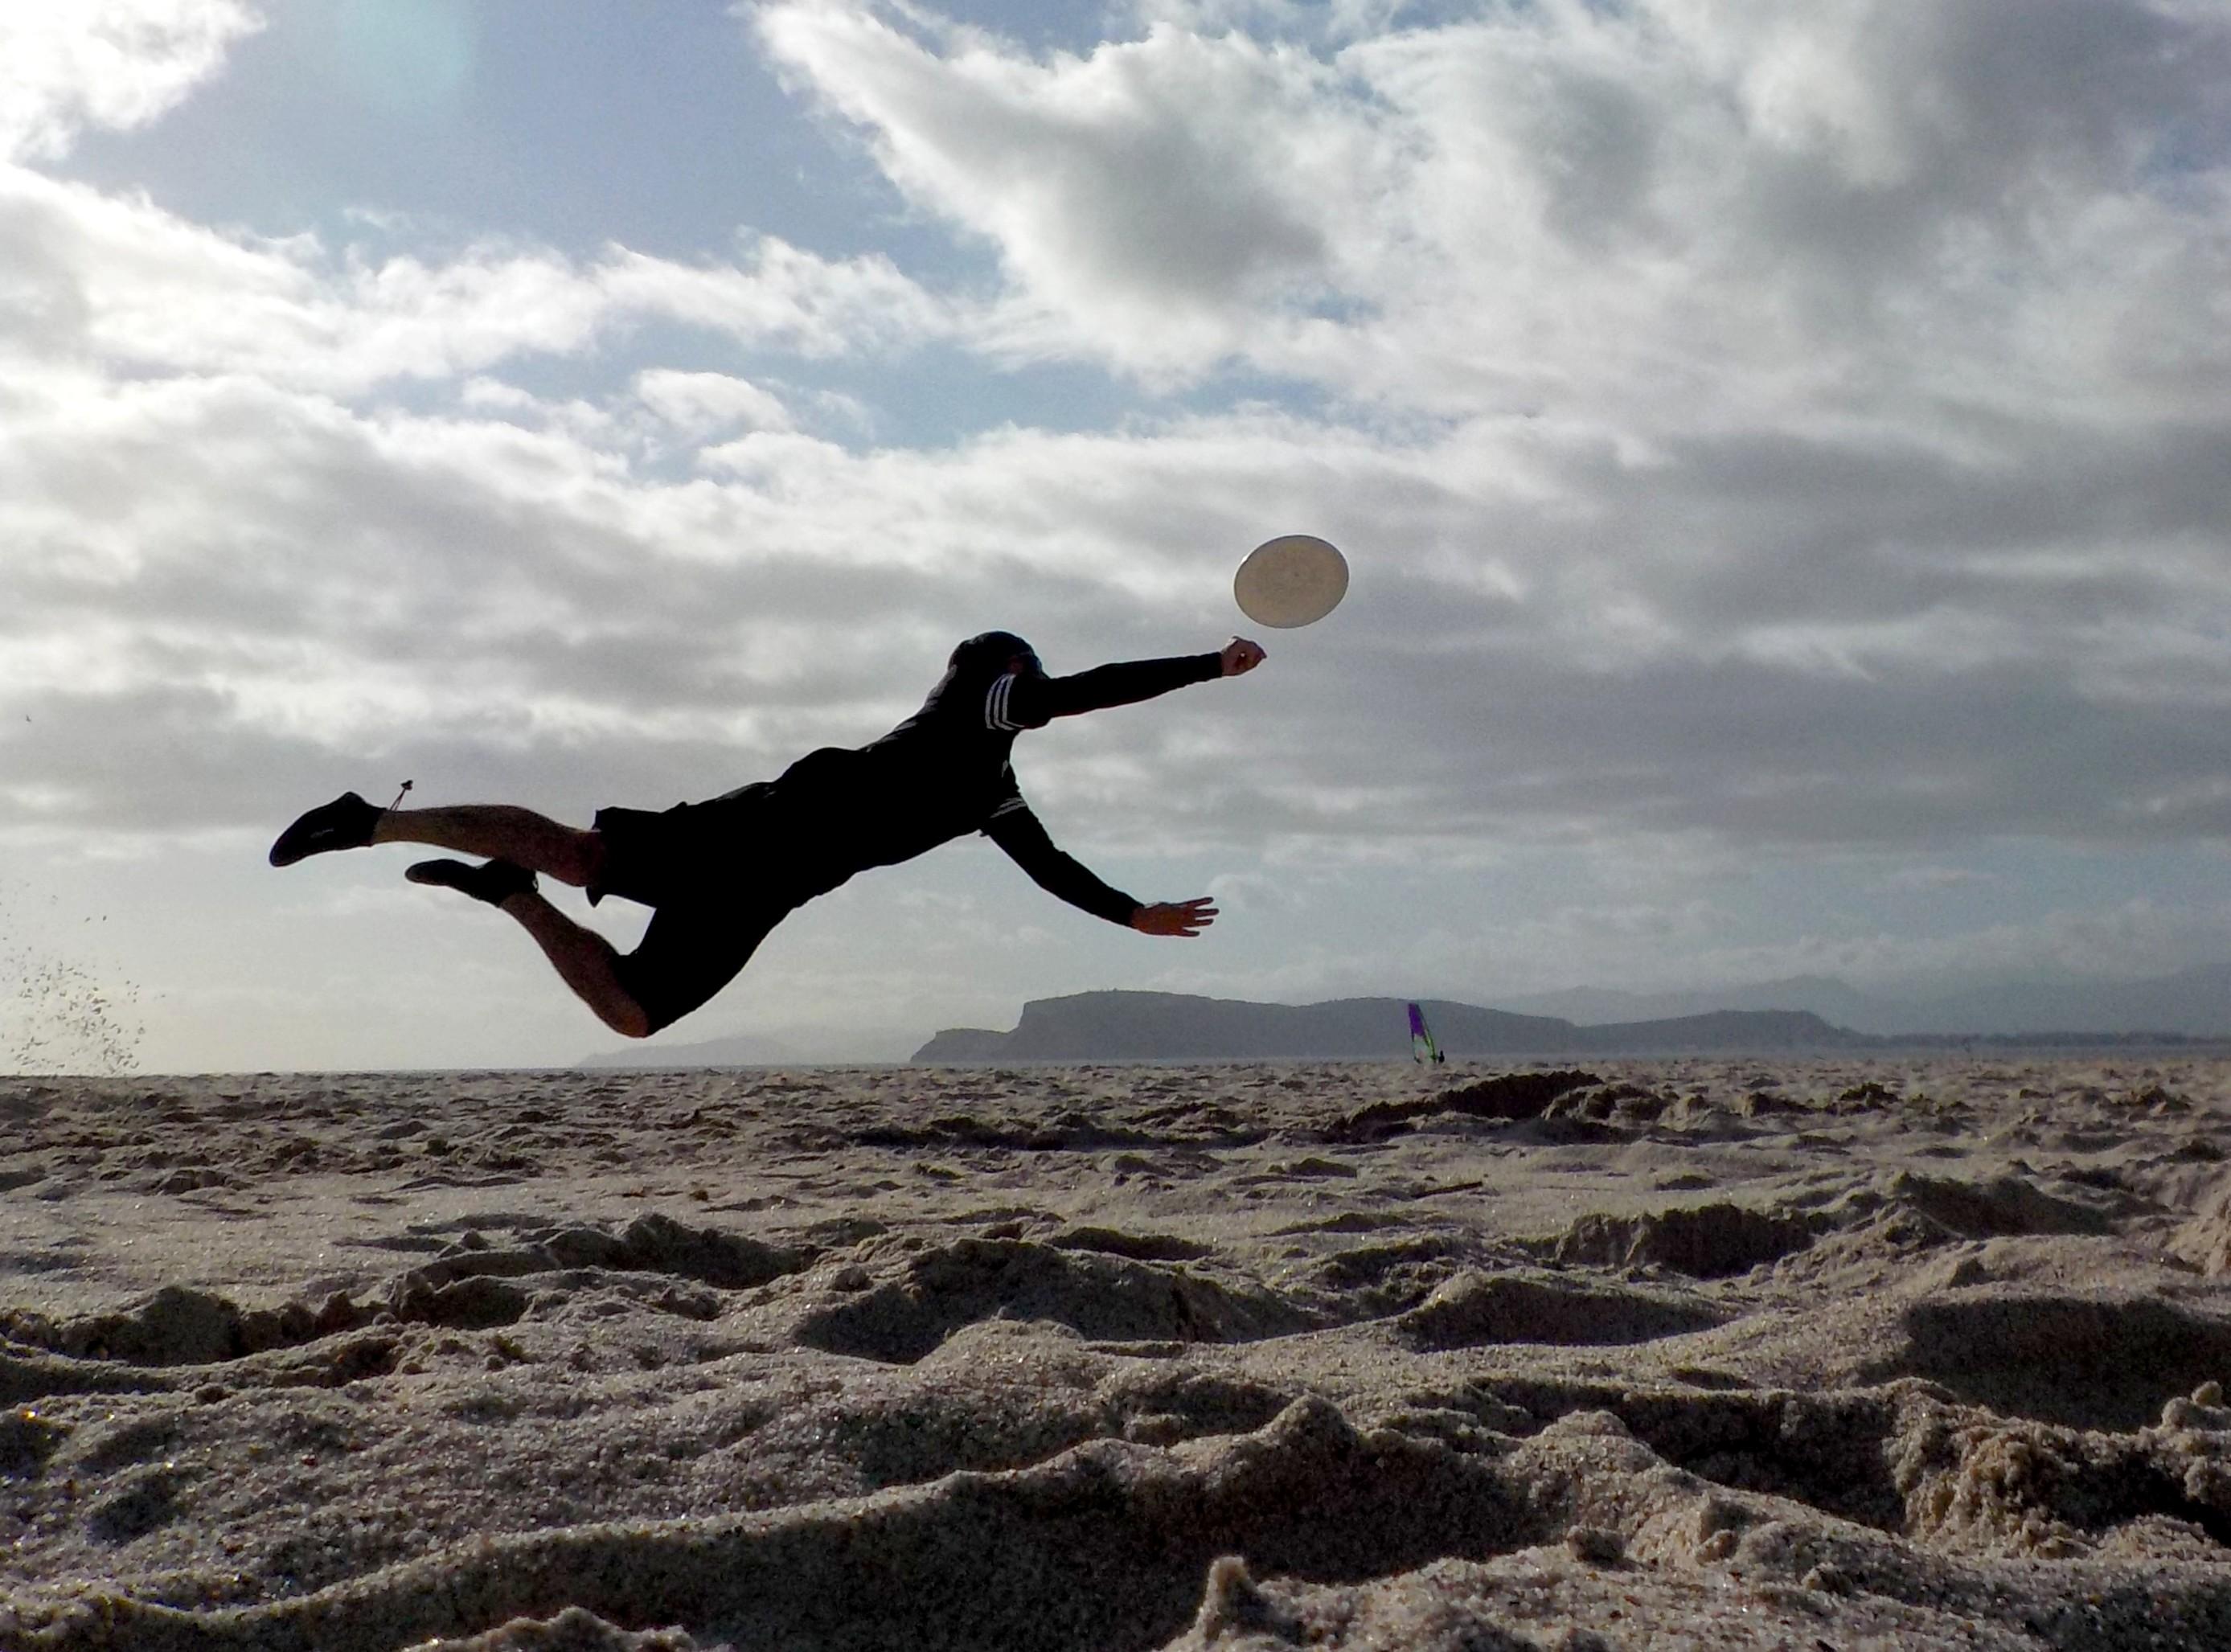 L'evento collaterale del torneo di Beach Ultimate Frisbee è il Sundisc Picture Contest, il concorso fotografico pensato per i professionisti e gli amatori che vogliano provare a rendere per immagini l'elevato dinamismo di questo sport, l'aspetto altamente sociale dentro il campo ma anche fuori, quando il terzo tempo favorisce il dialogo fra le squadre e l'abbraccio, reale, fra i giocatori avversari.